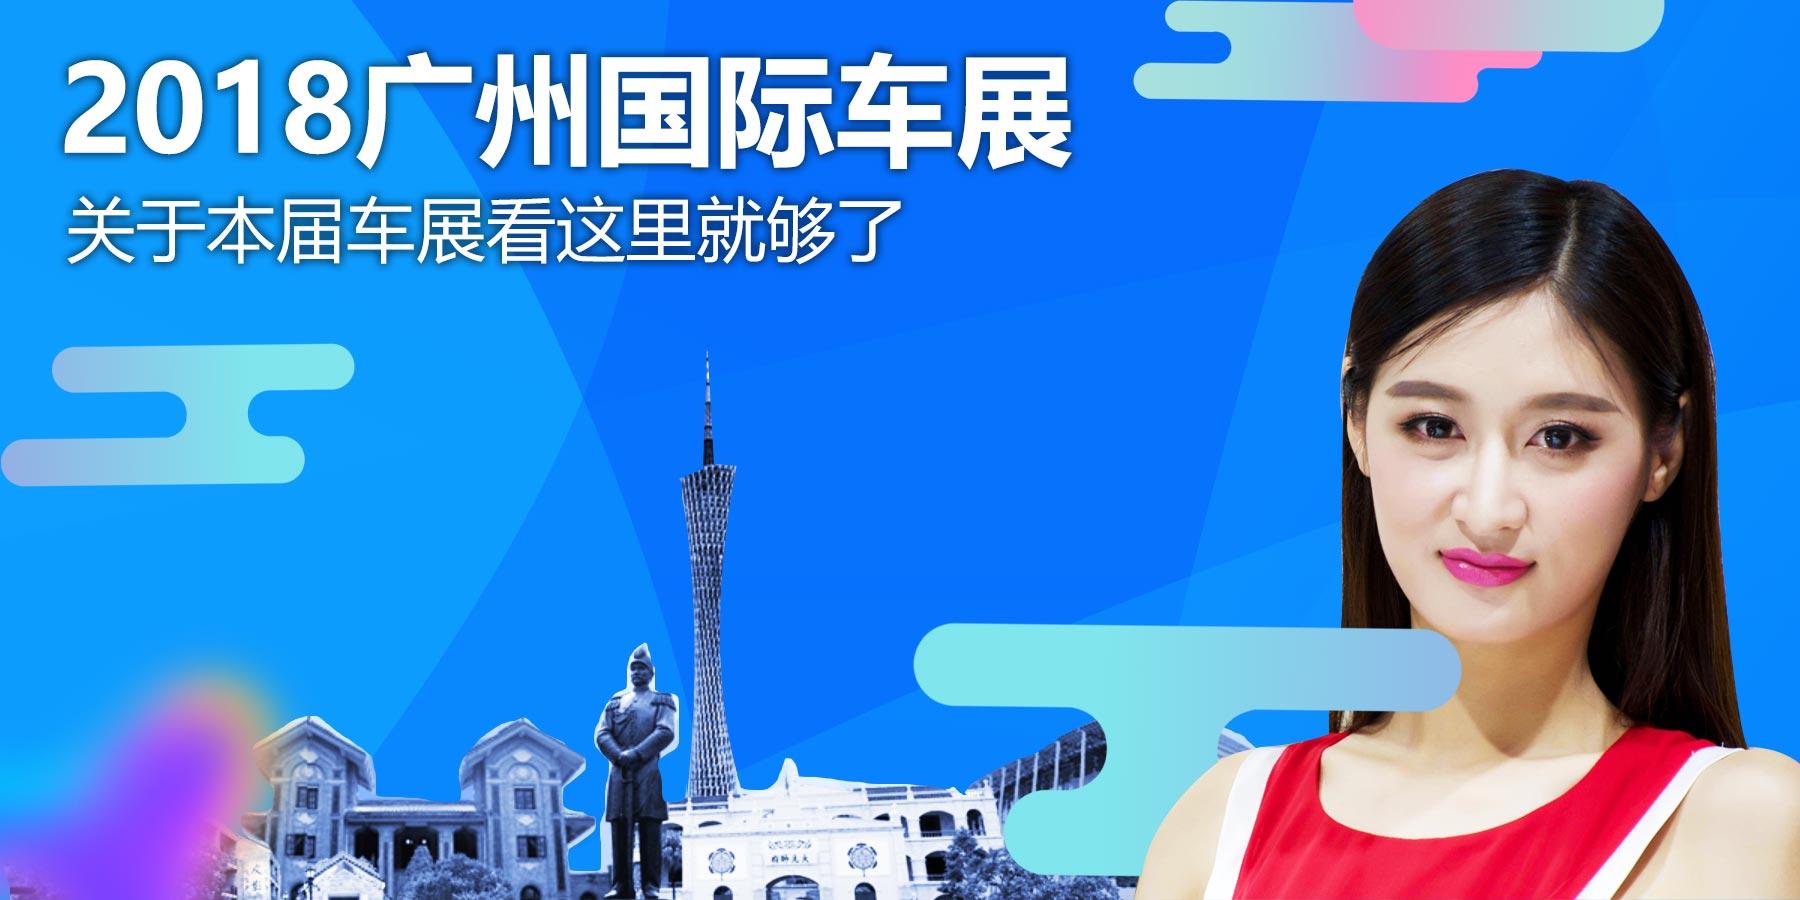 2018广州车展专题页